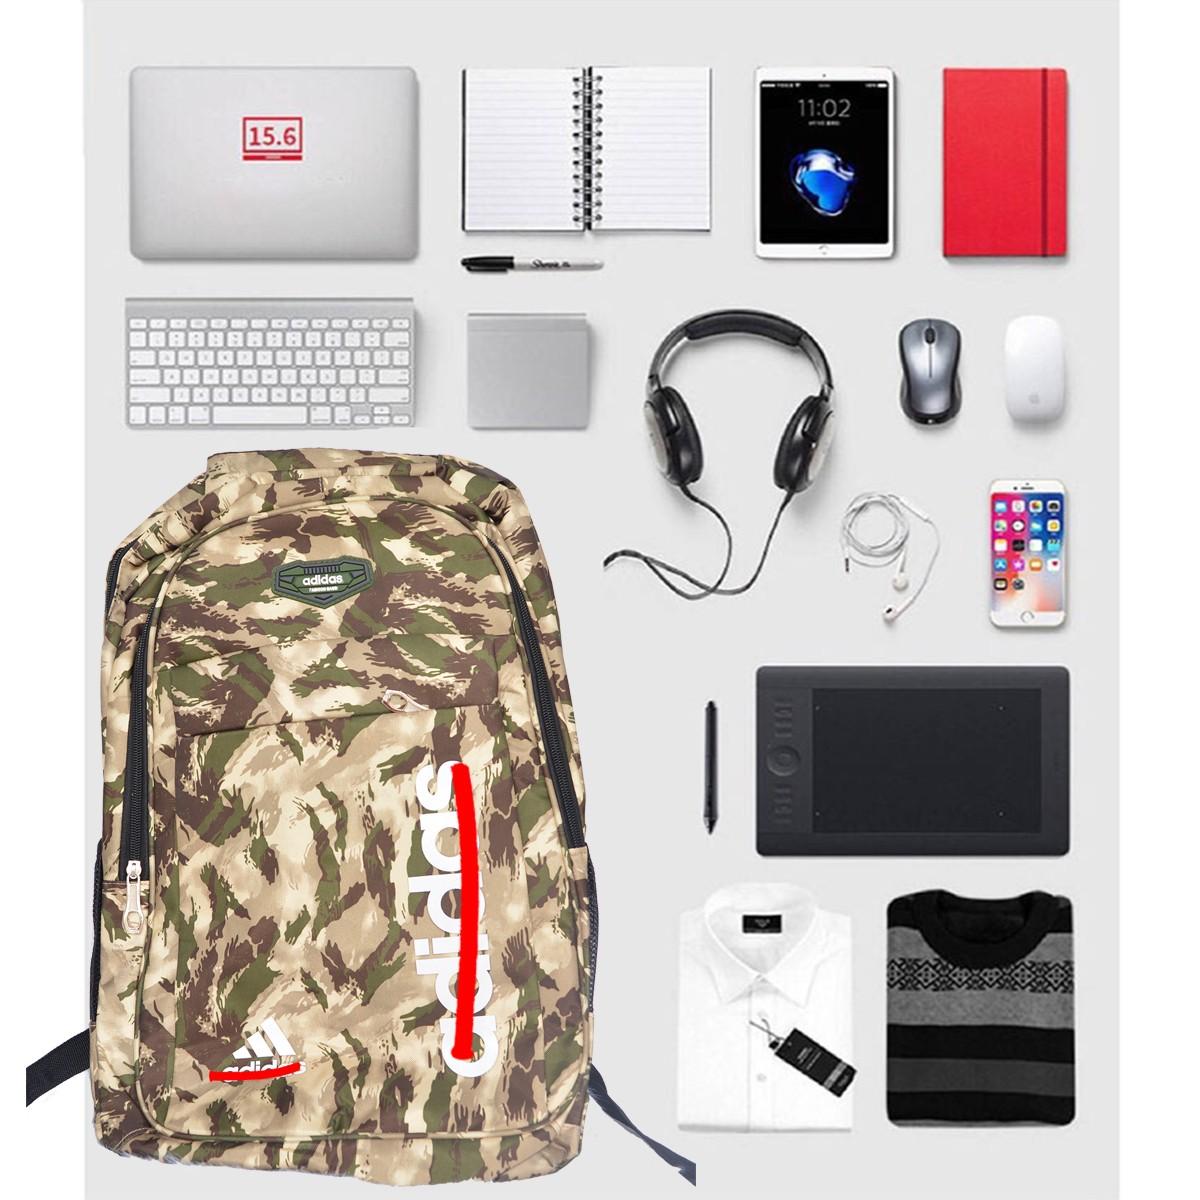 Balo Đa Năng đựng Sách-Laptop-Dụng Cụ Cá Nhân BL21